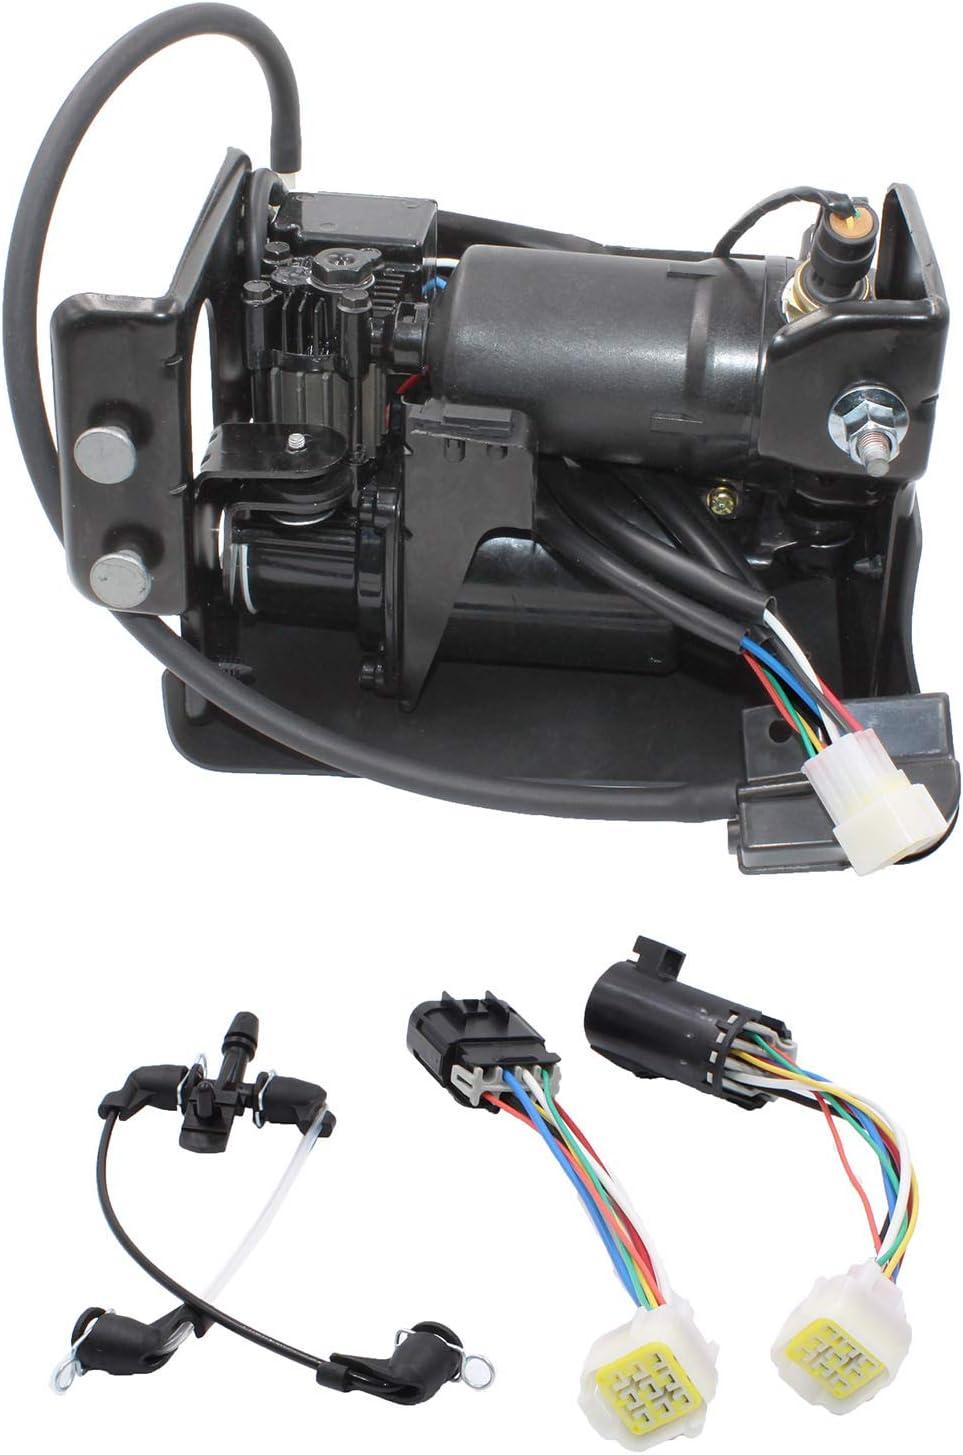 Westar CD-7713 Suspension Air Compressor